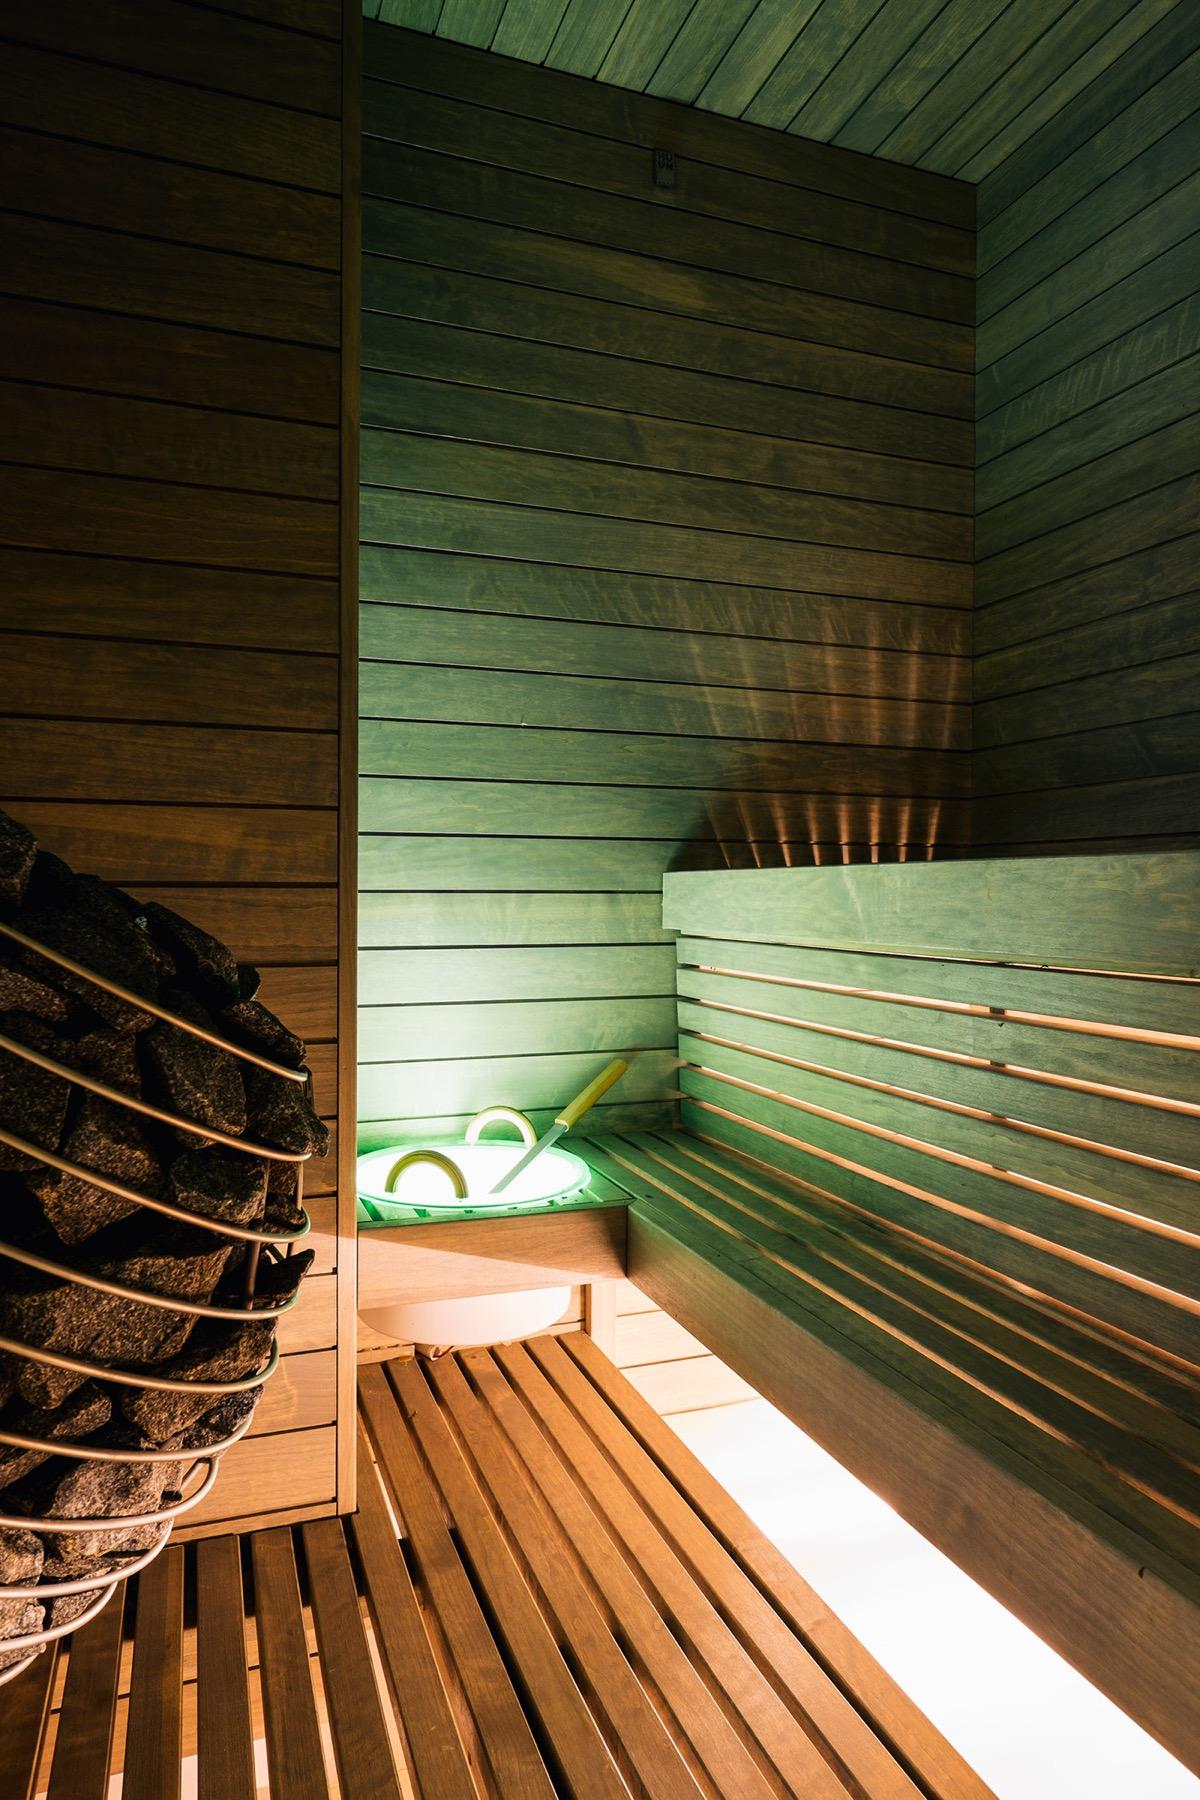 Кораллово-зеленый декор в светлом минималистском пространстве: Фотообзор